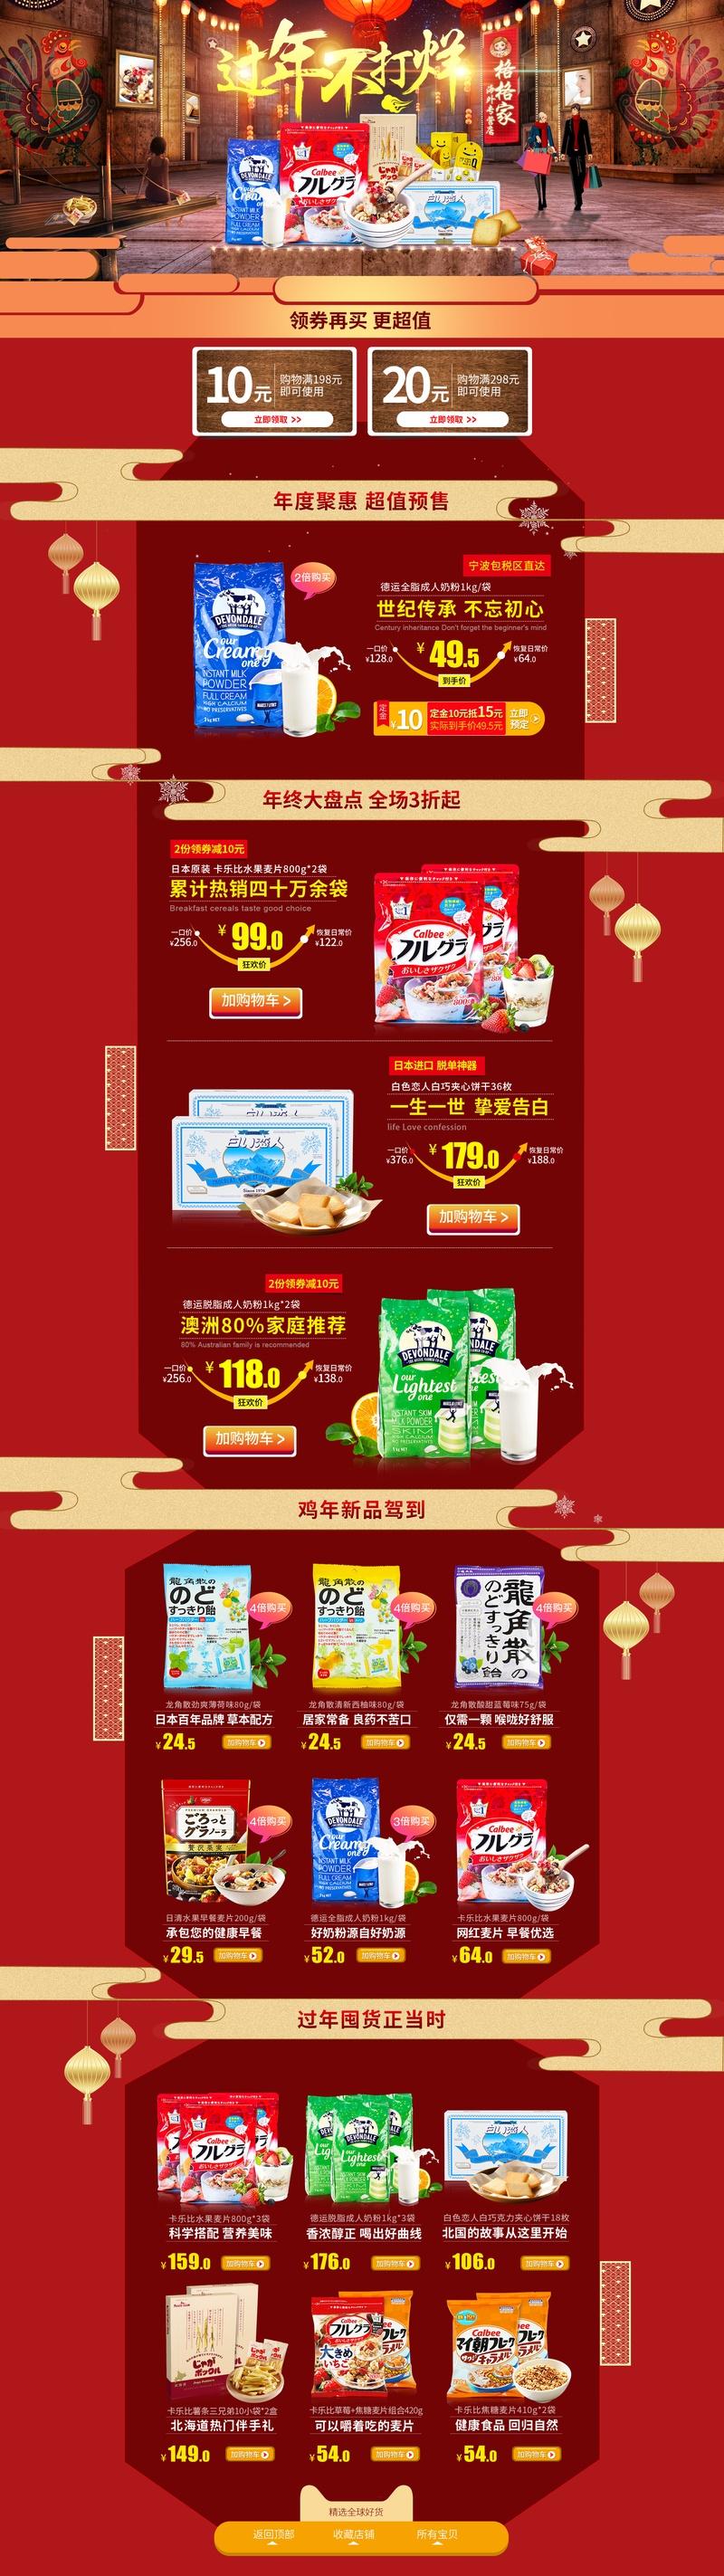 年货节进口食品首页psd模板